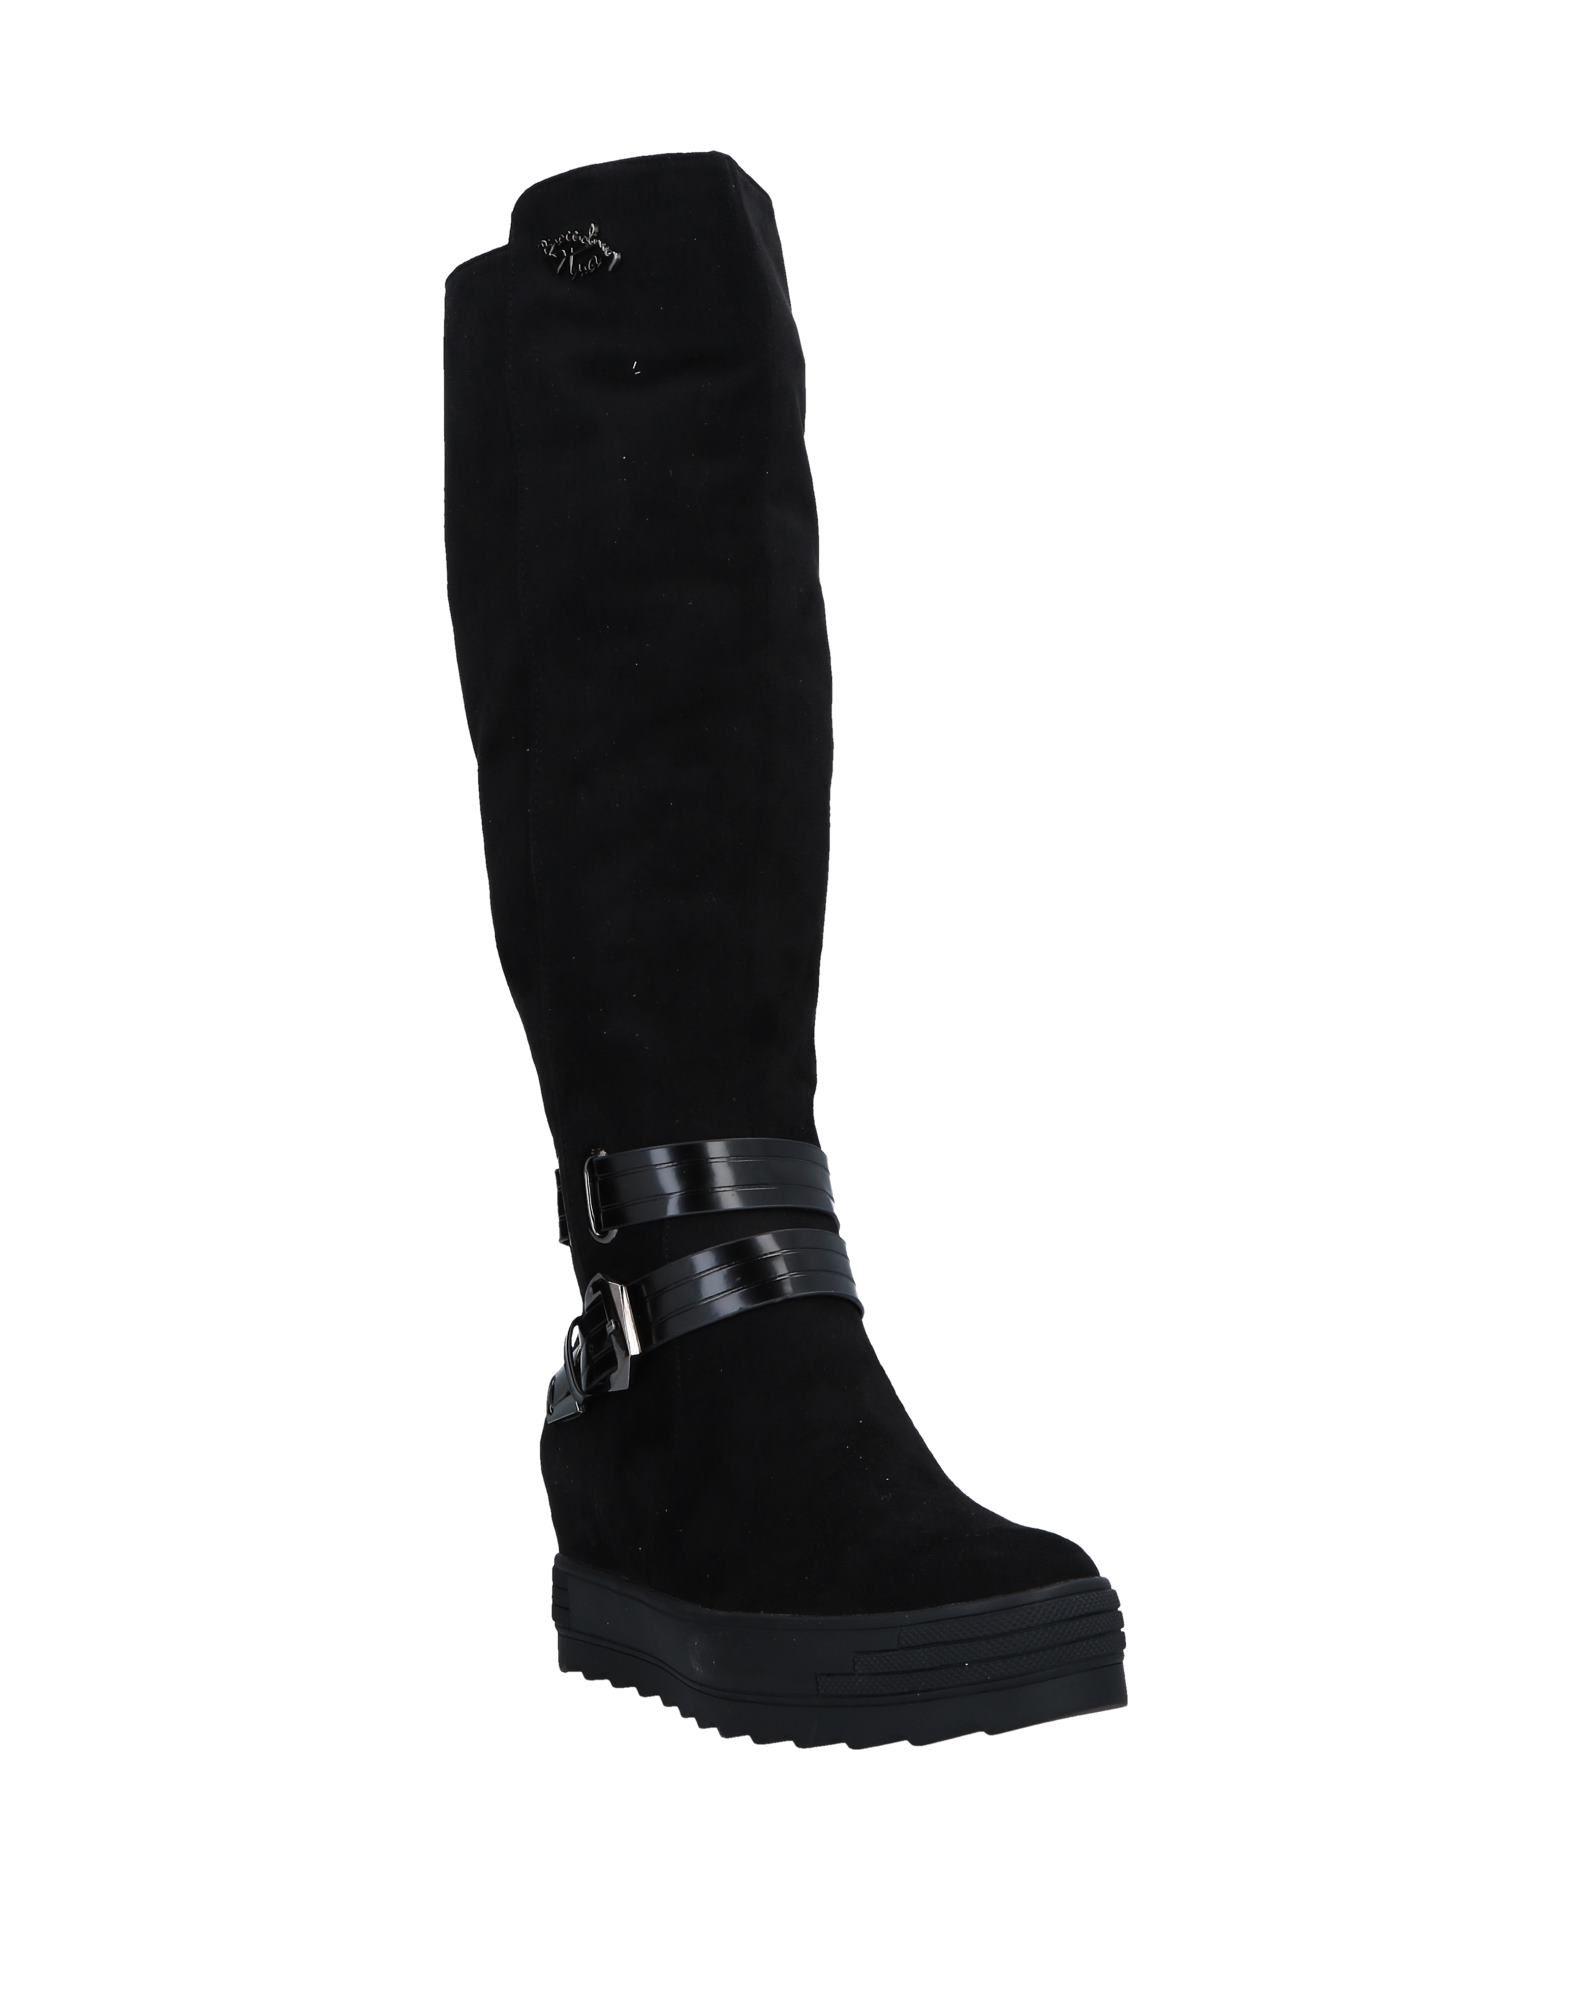 Tua By Braccialini  Stiefel Damen  Braccialini 11526053HG Gute Qualität beliebte Schuhe 7019d8